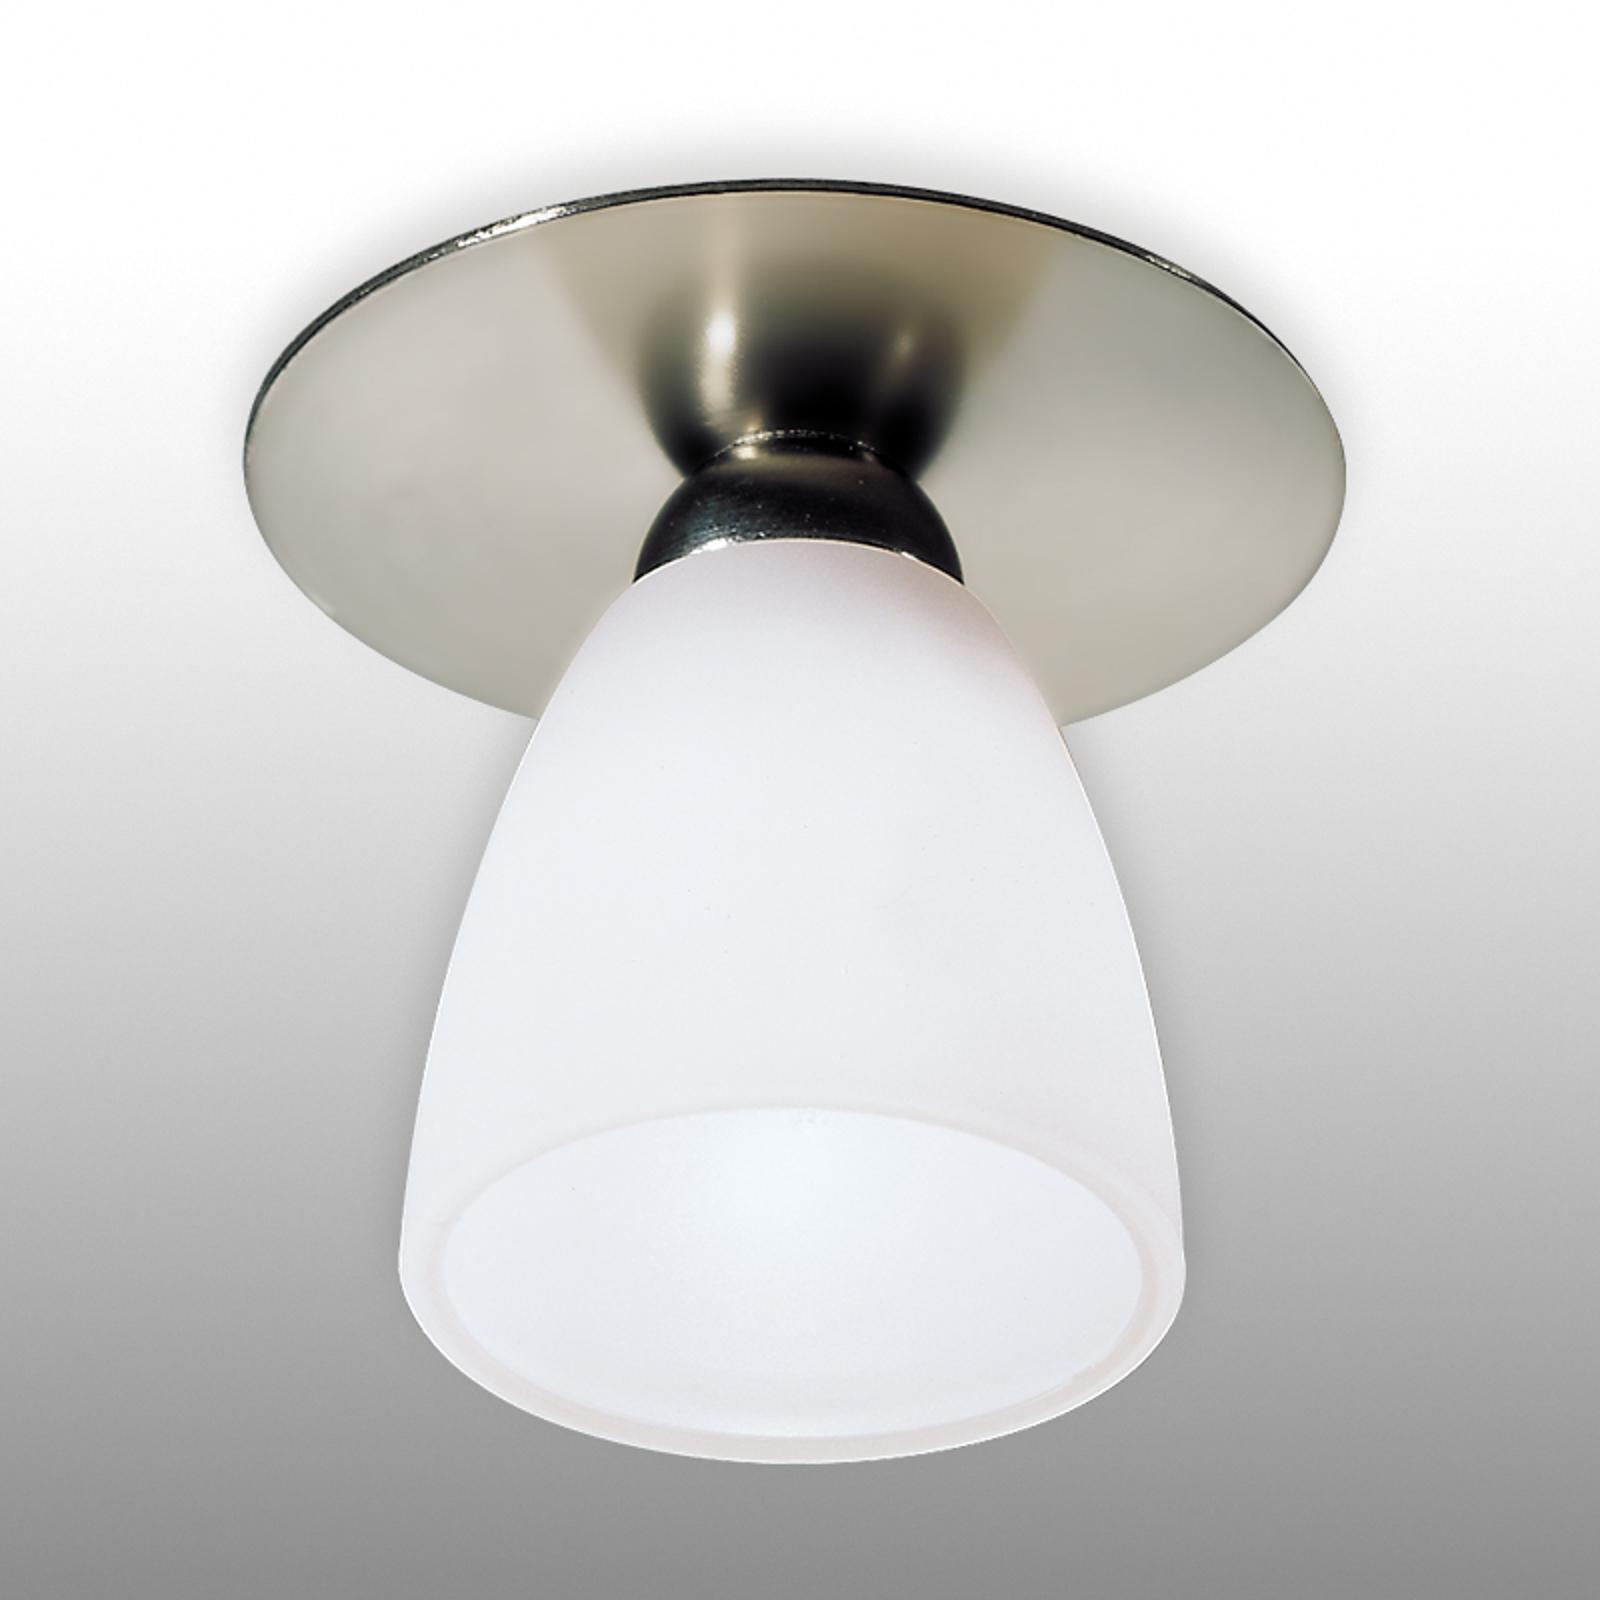 Downlight ARTE nichel satinato, vetro bianco